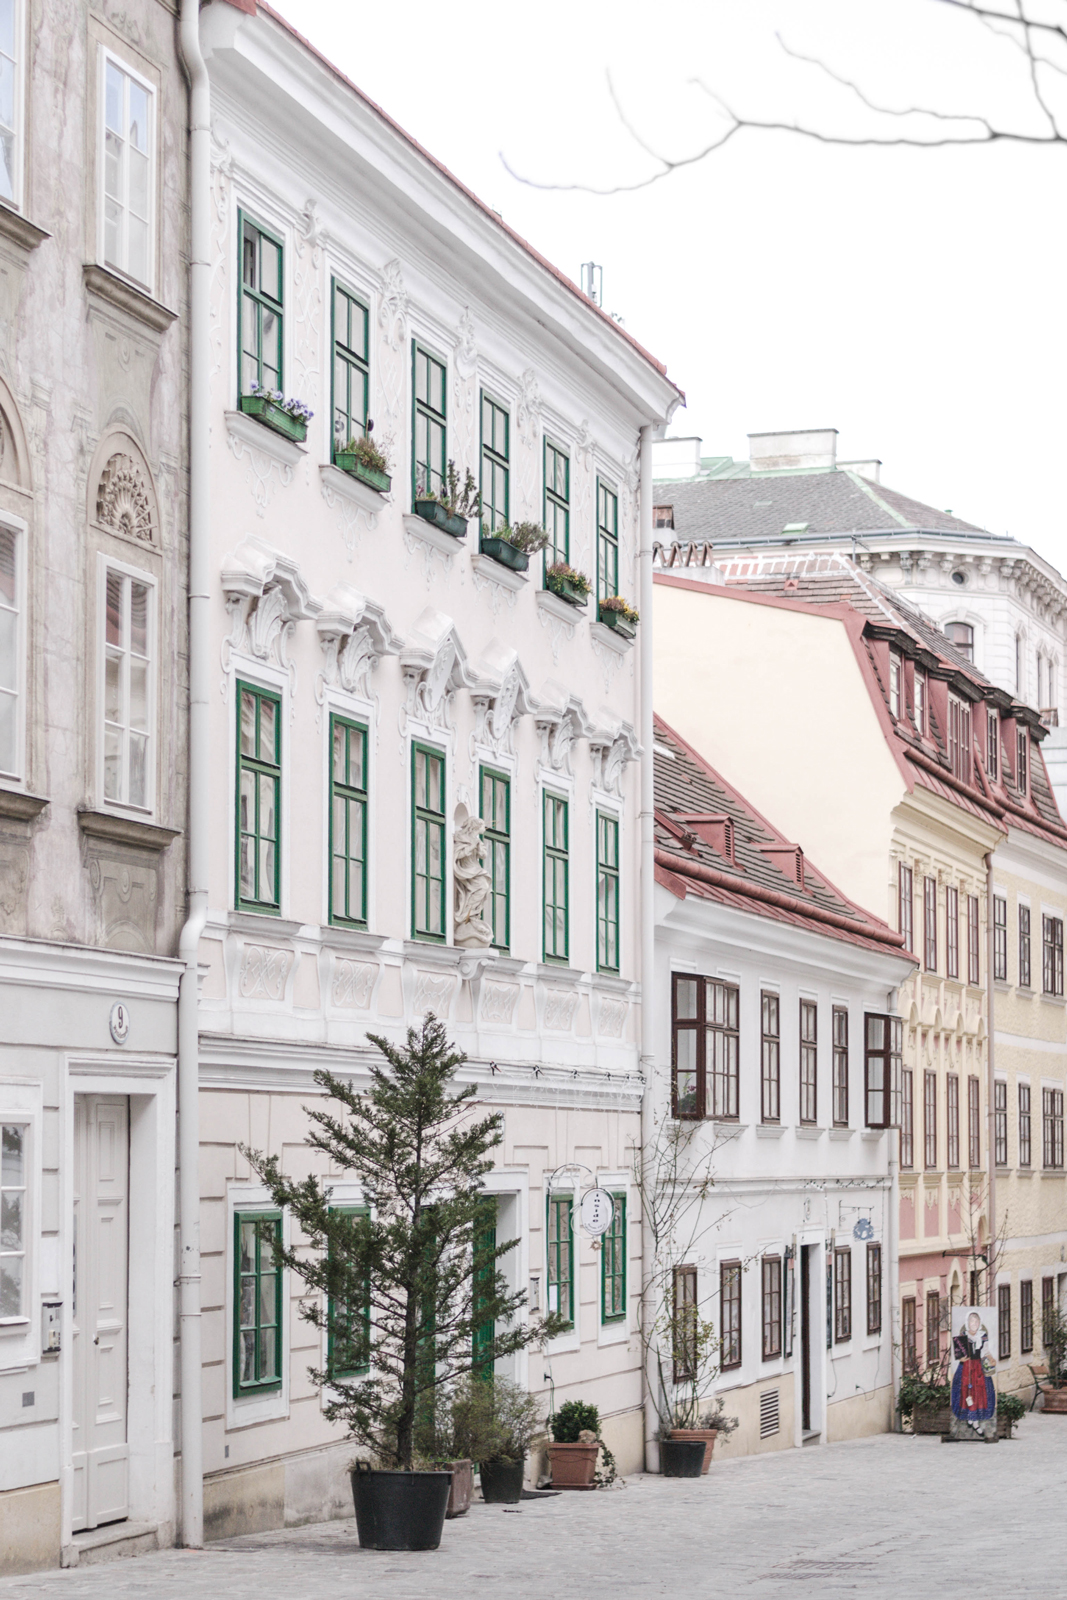 -Spittelberg-a-Hidden-Gem-of-Vienna-by-epepa